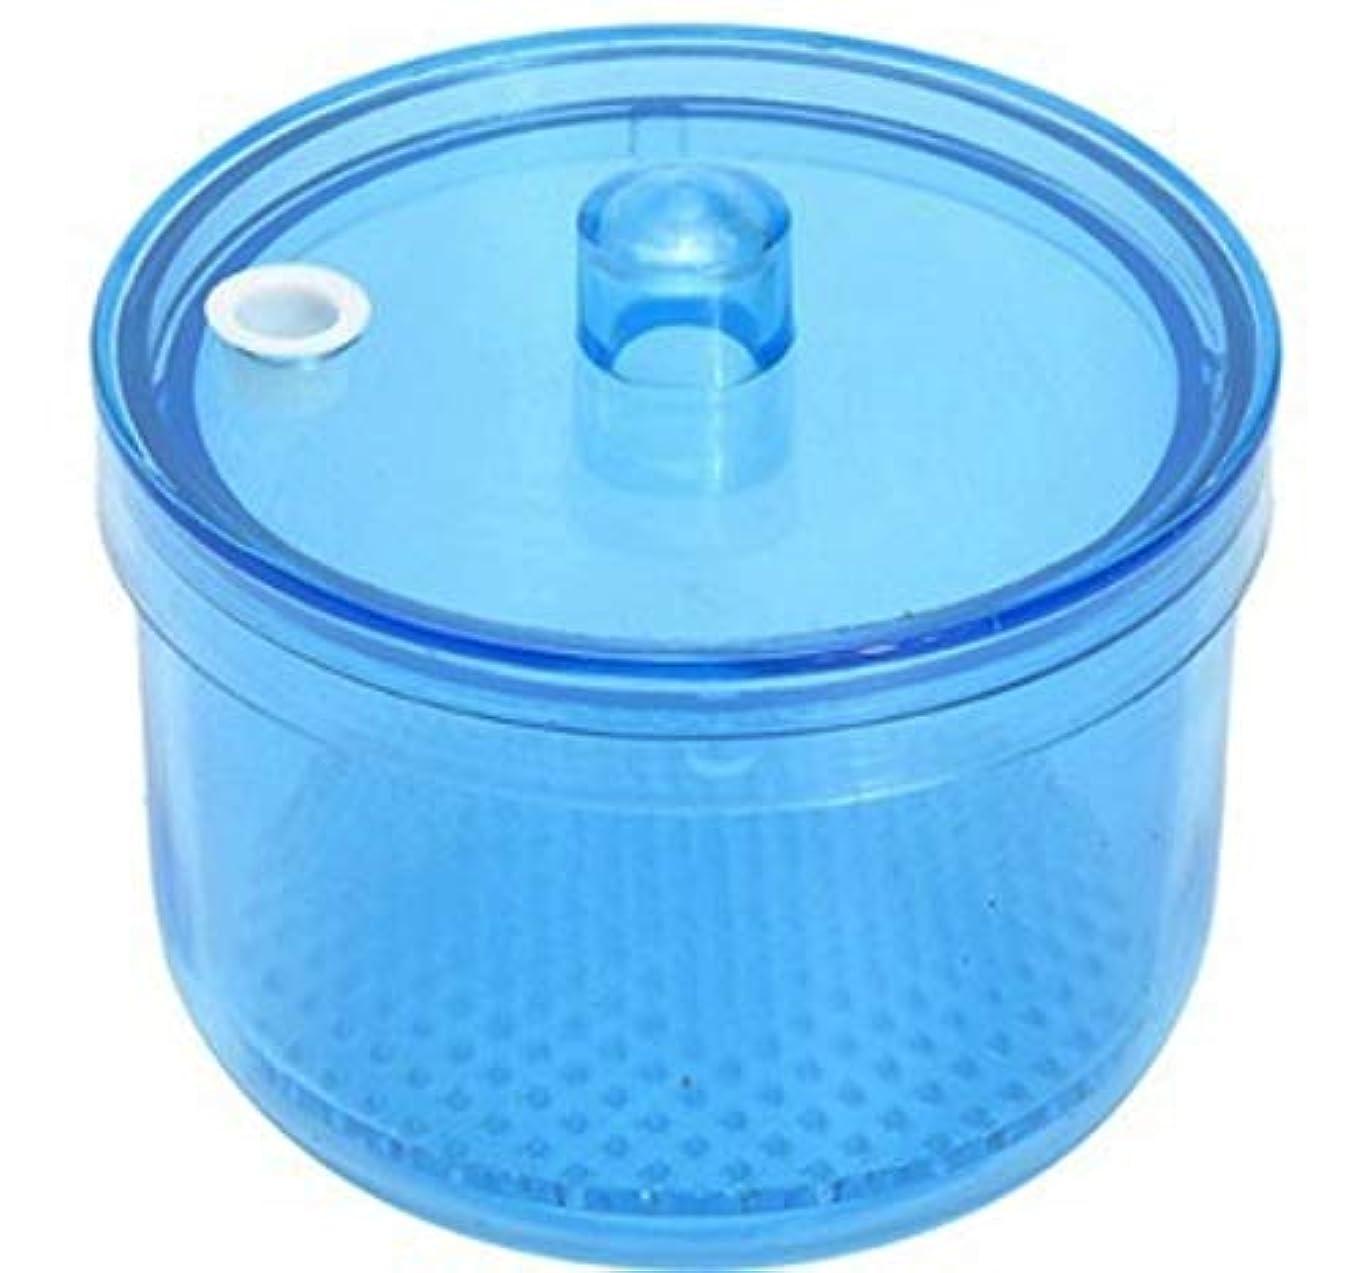 ナットミルクそうMOFF 入れ歯洗浄ケース ポット 網付き リテーナーボックス デンタルケース 高温高圧殺菌 洗浄剤対応可能 耐熱温度134度 シンプル (ブルー)